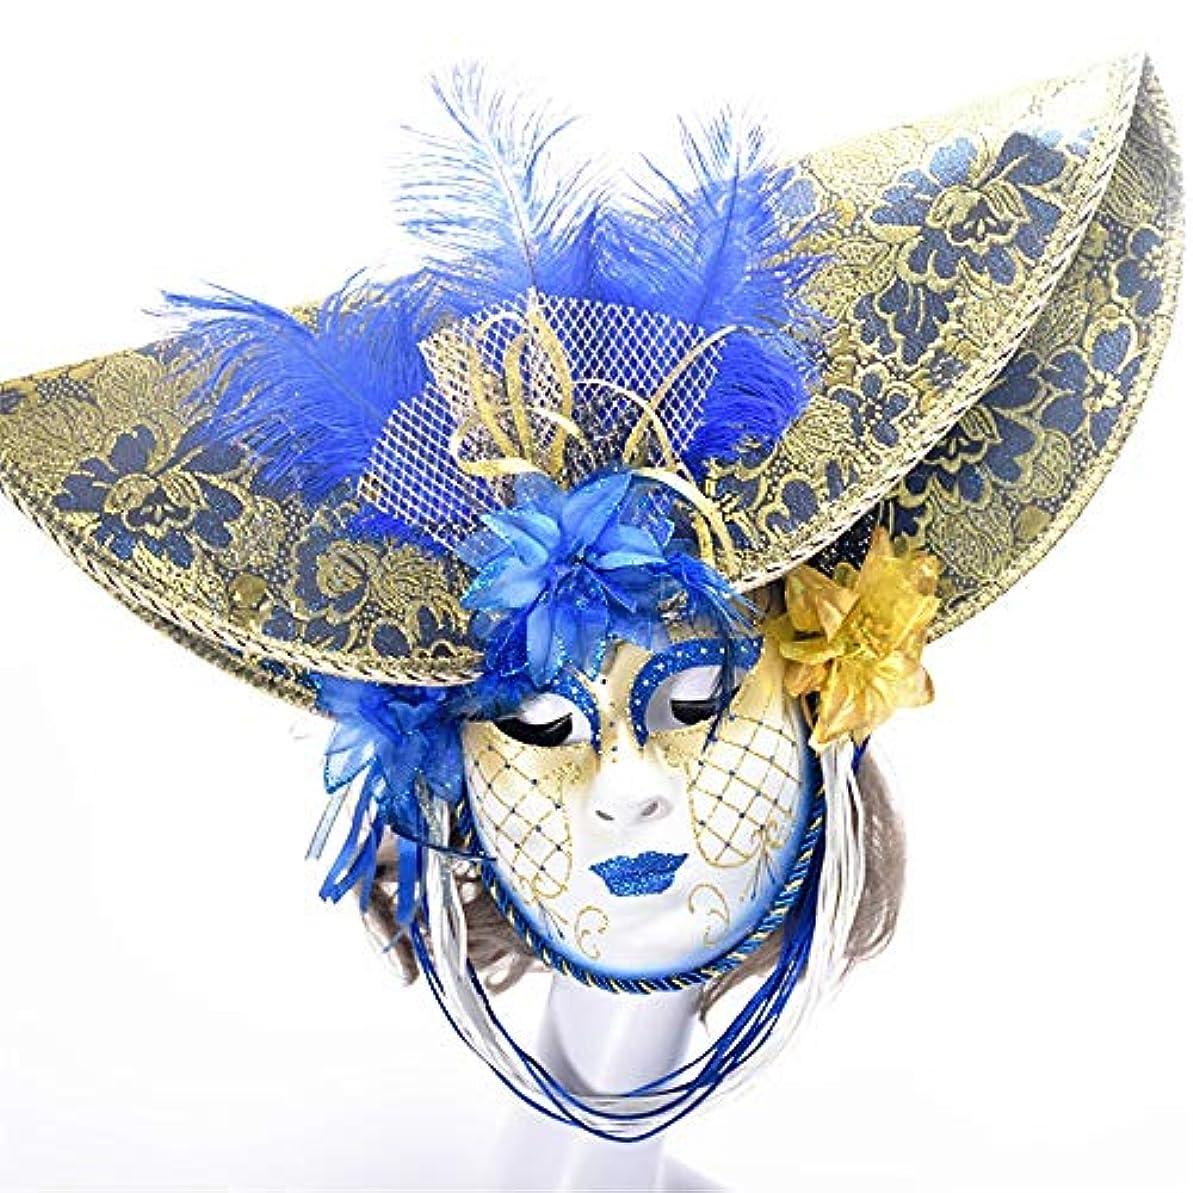 カスケードちっちゃいインポートダンスマスク 手描きフルフェイスマスク大人仮装パーティーブルーフェイスナイトクラブパーティーフェスティバルロールプレイングプラスチックマスク ホリデーパーティー用品 (色 : 青, サイズ : 55x35cm)